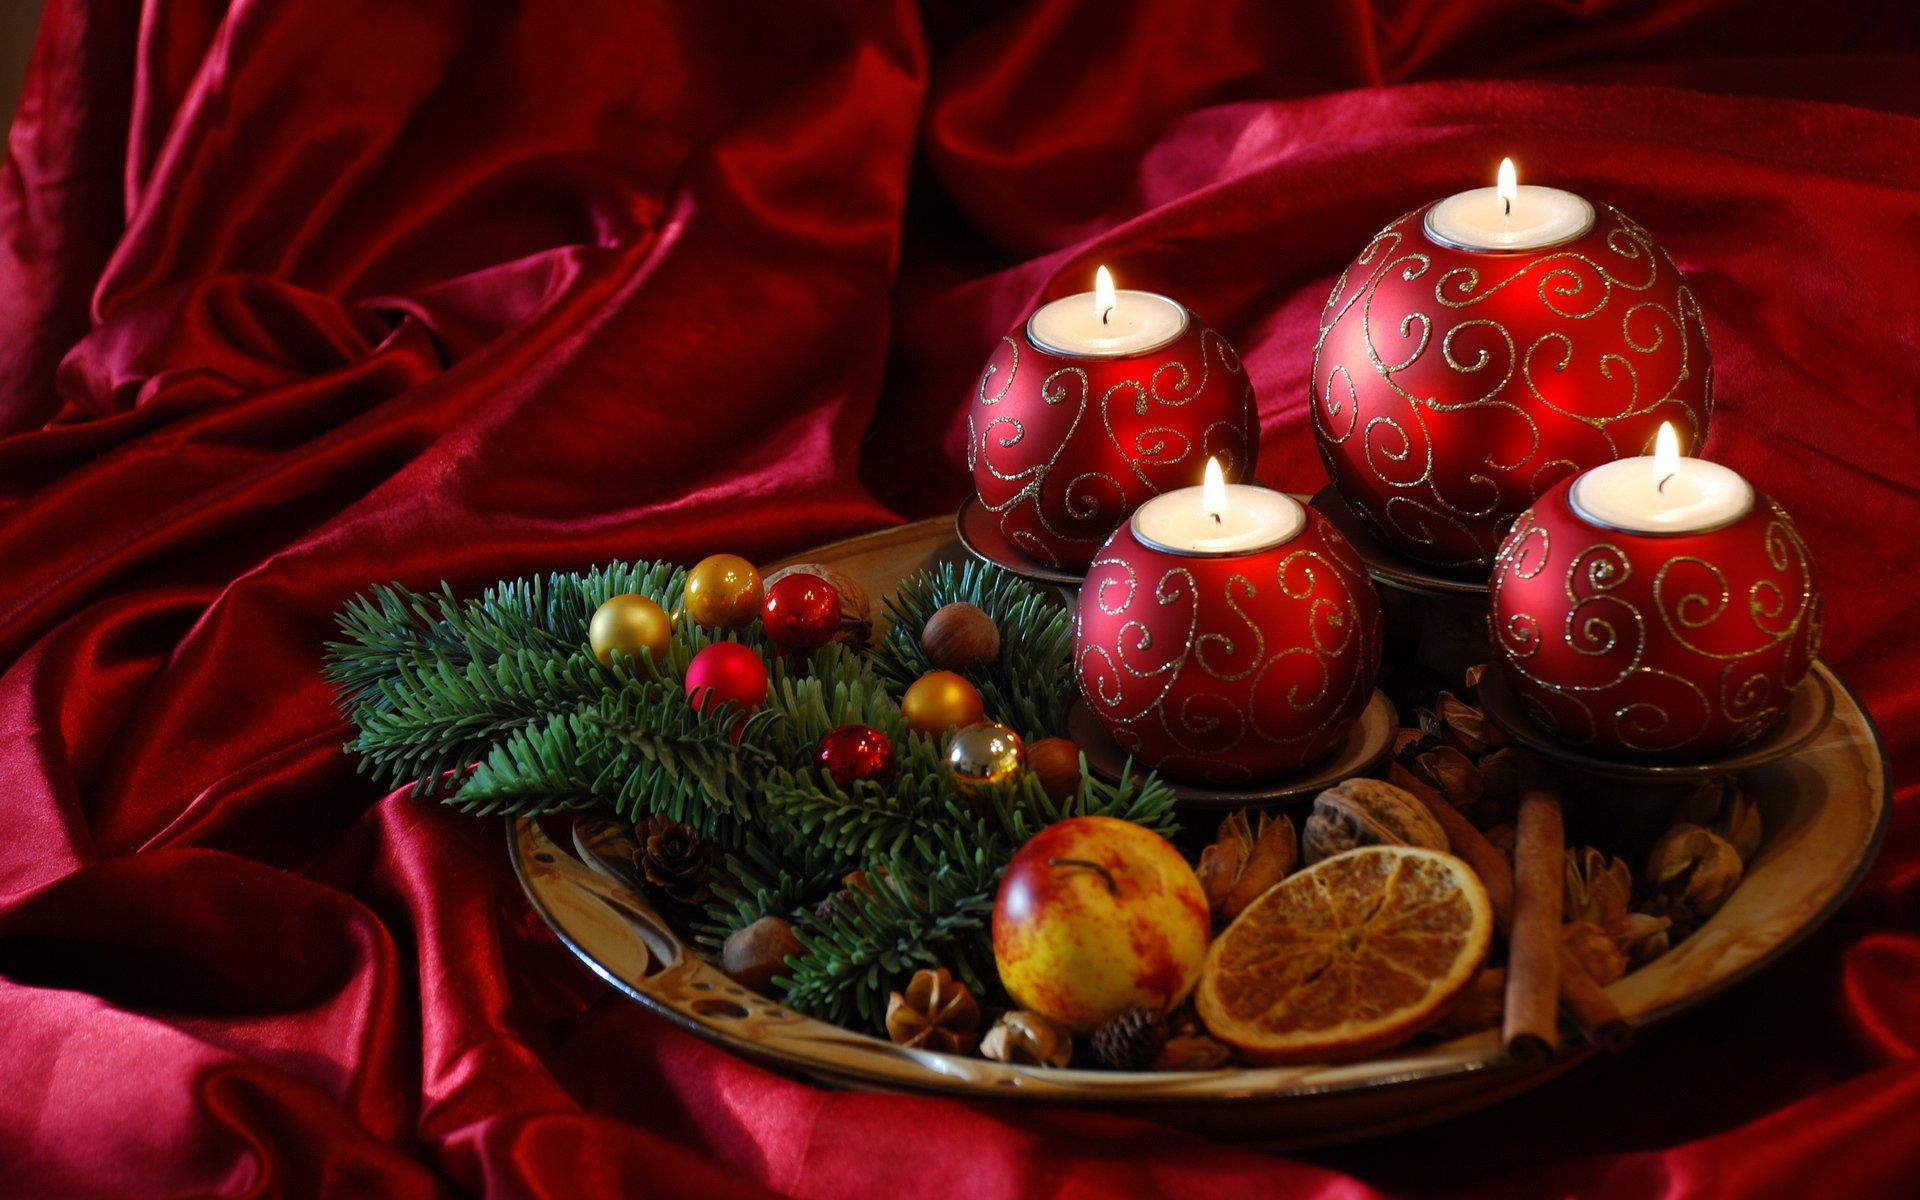 картинки с рождественской тематикой беспроводных эхолотов